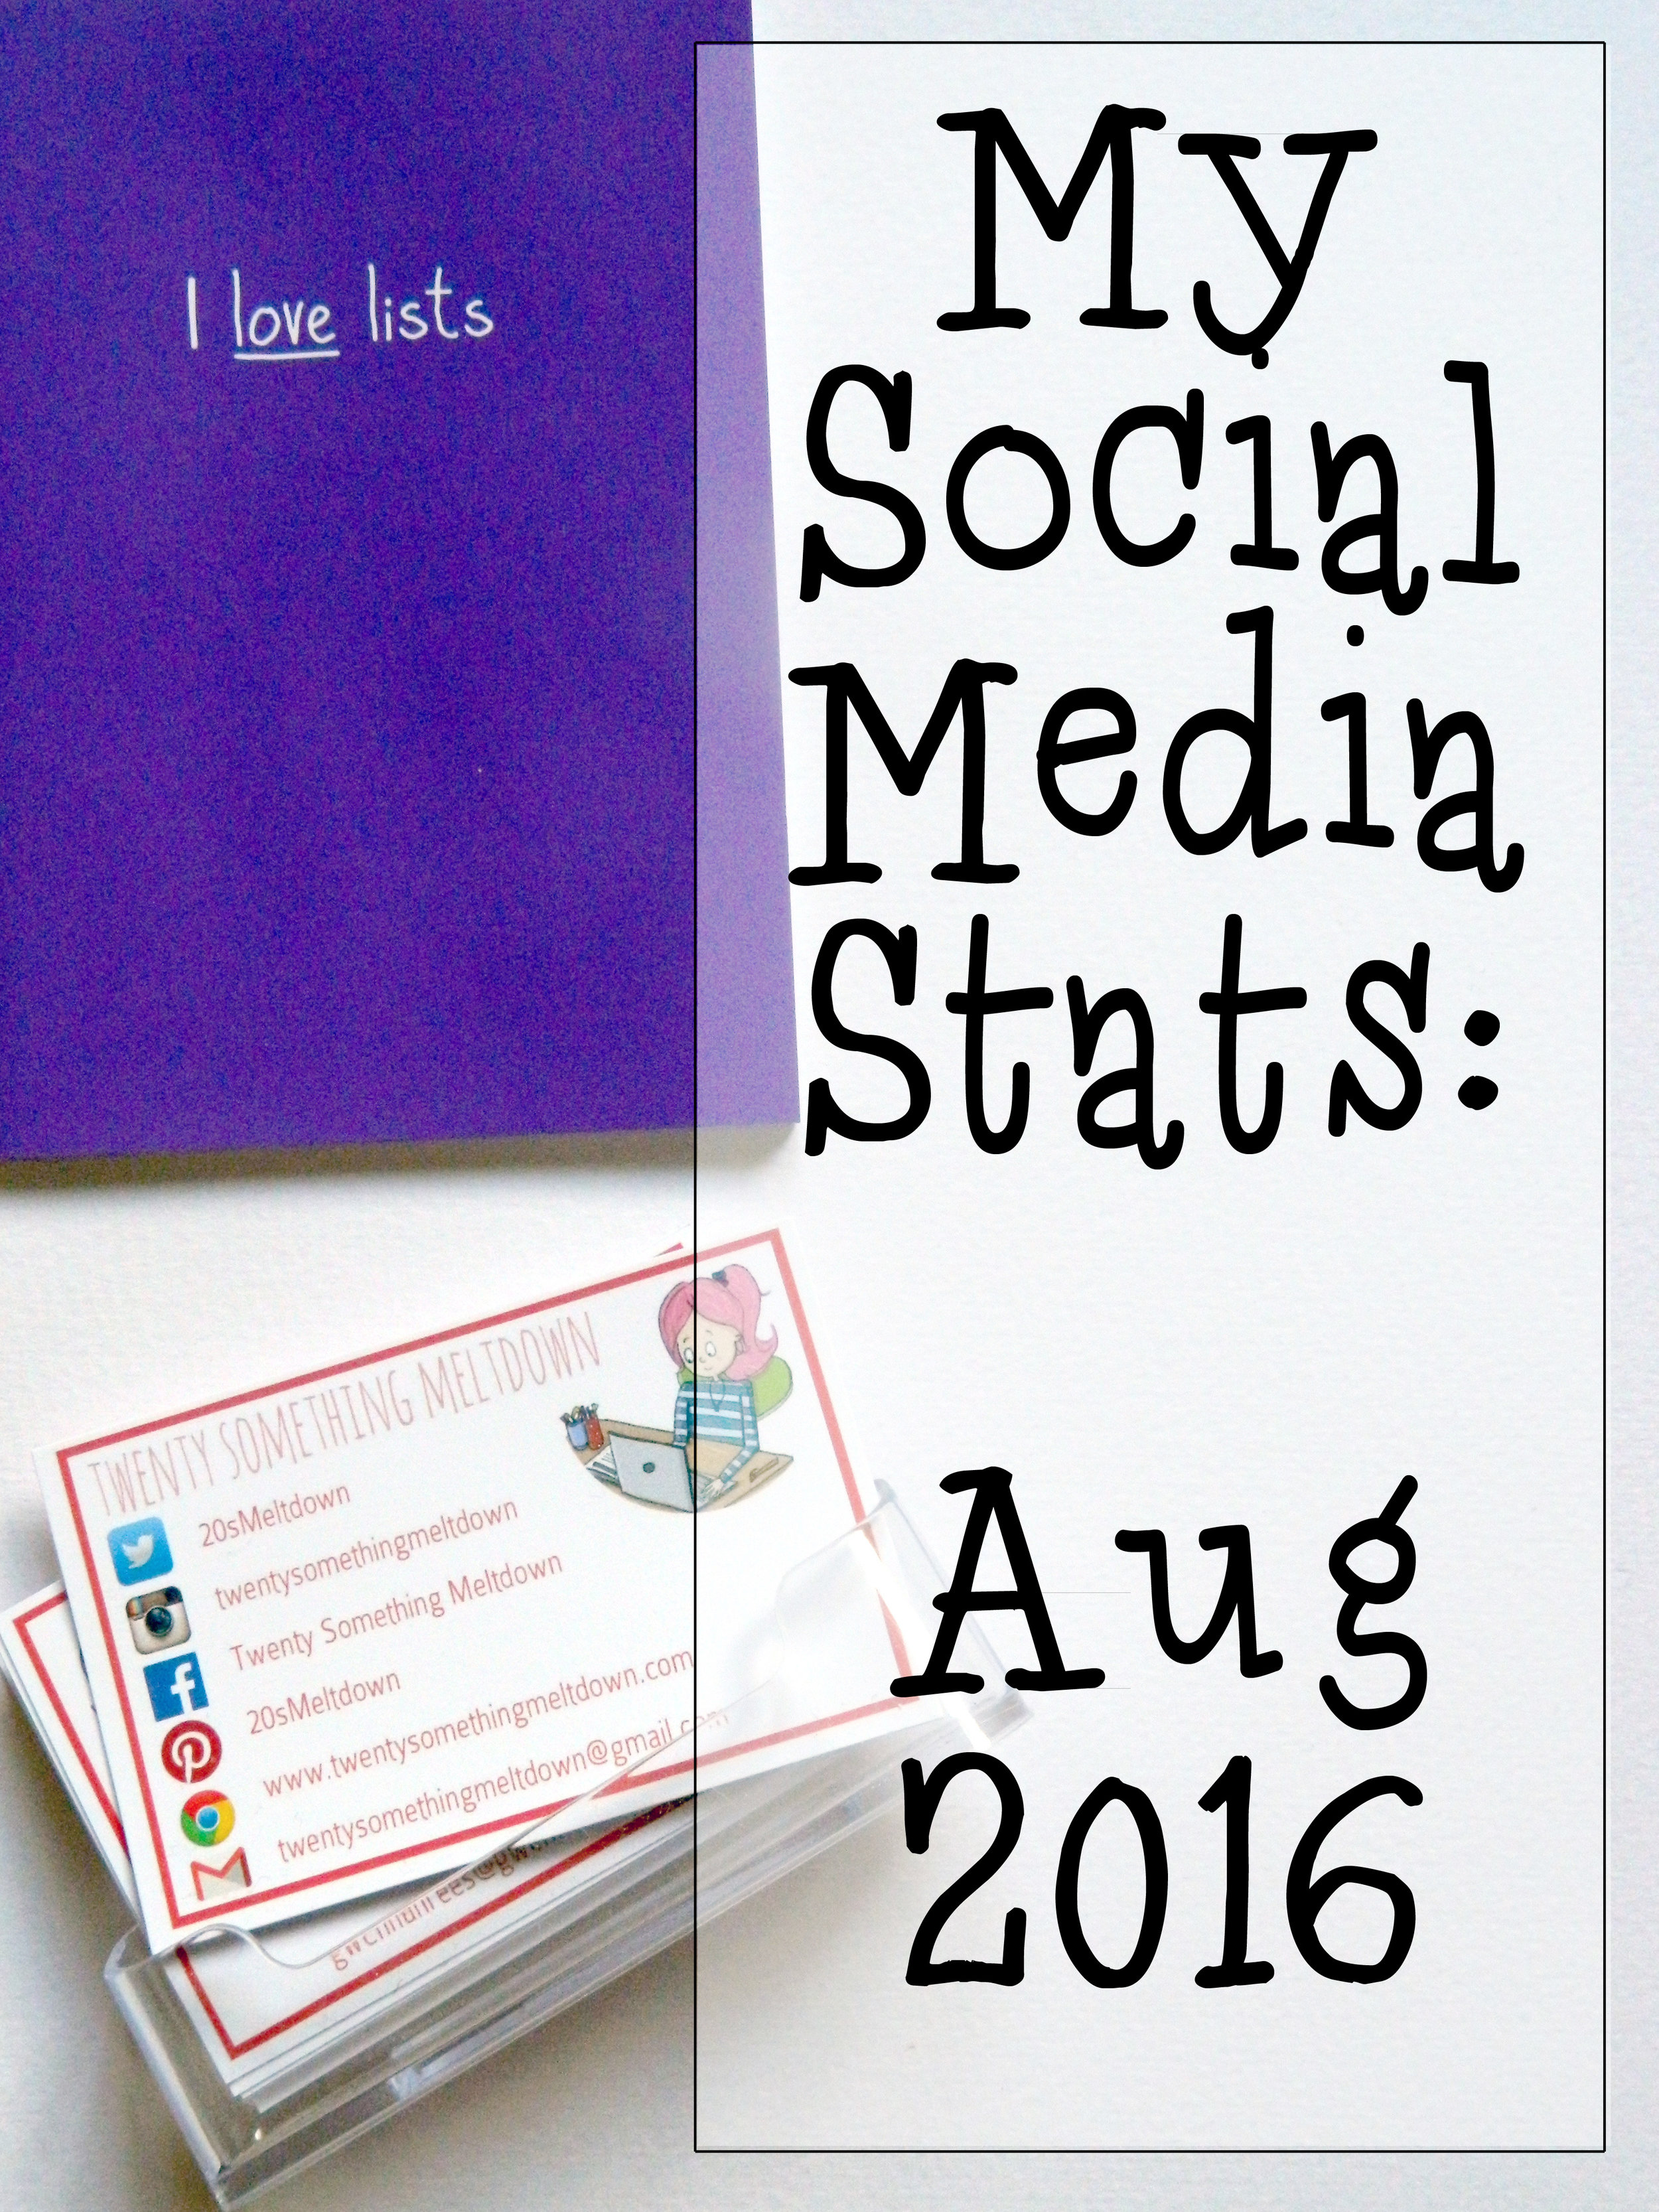 Social Media Stats - August 2016.